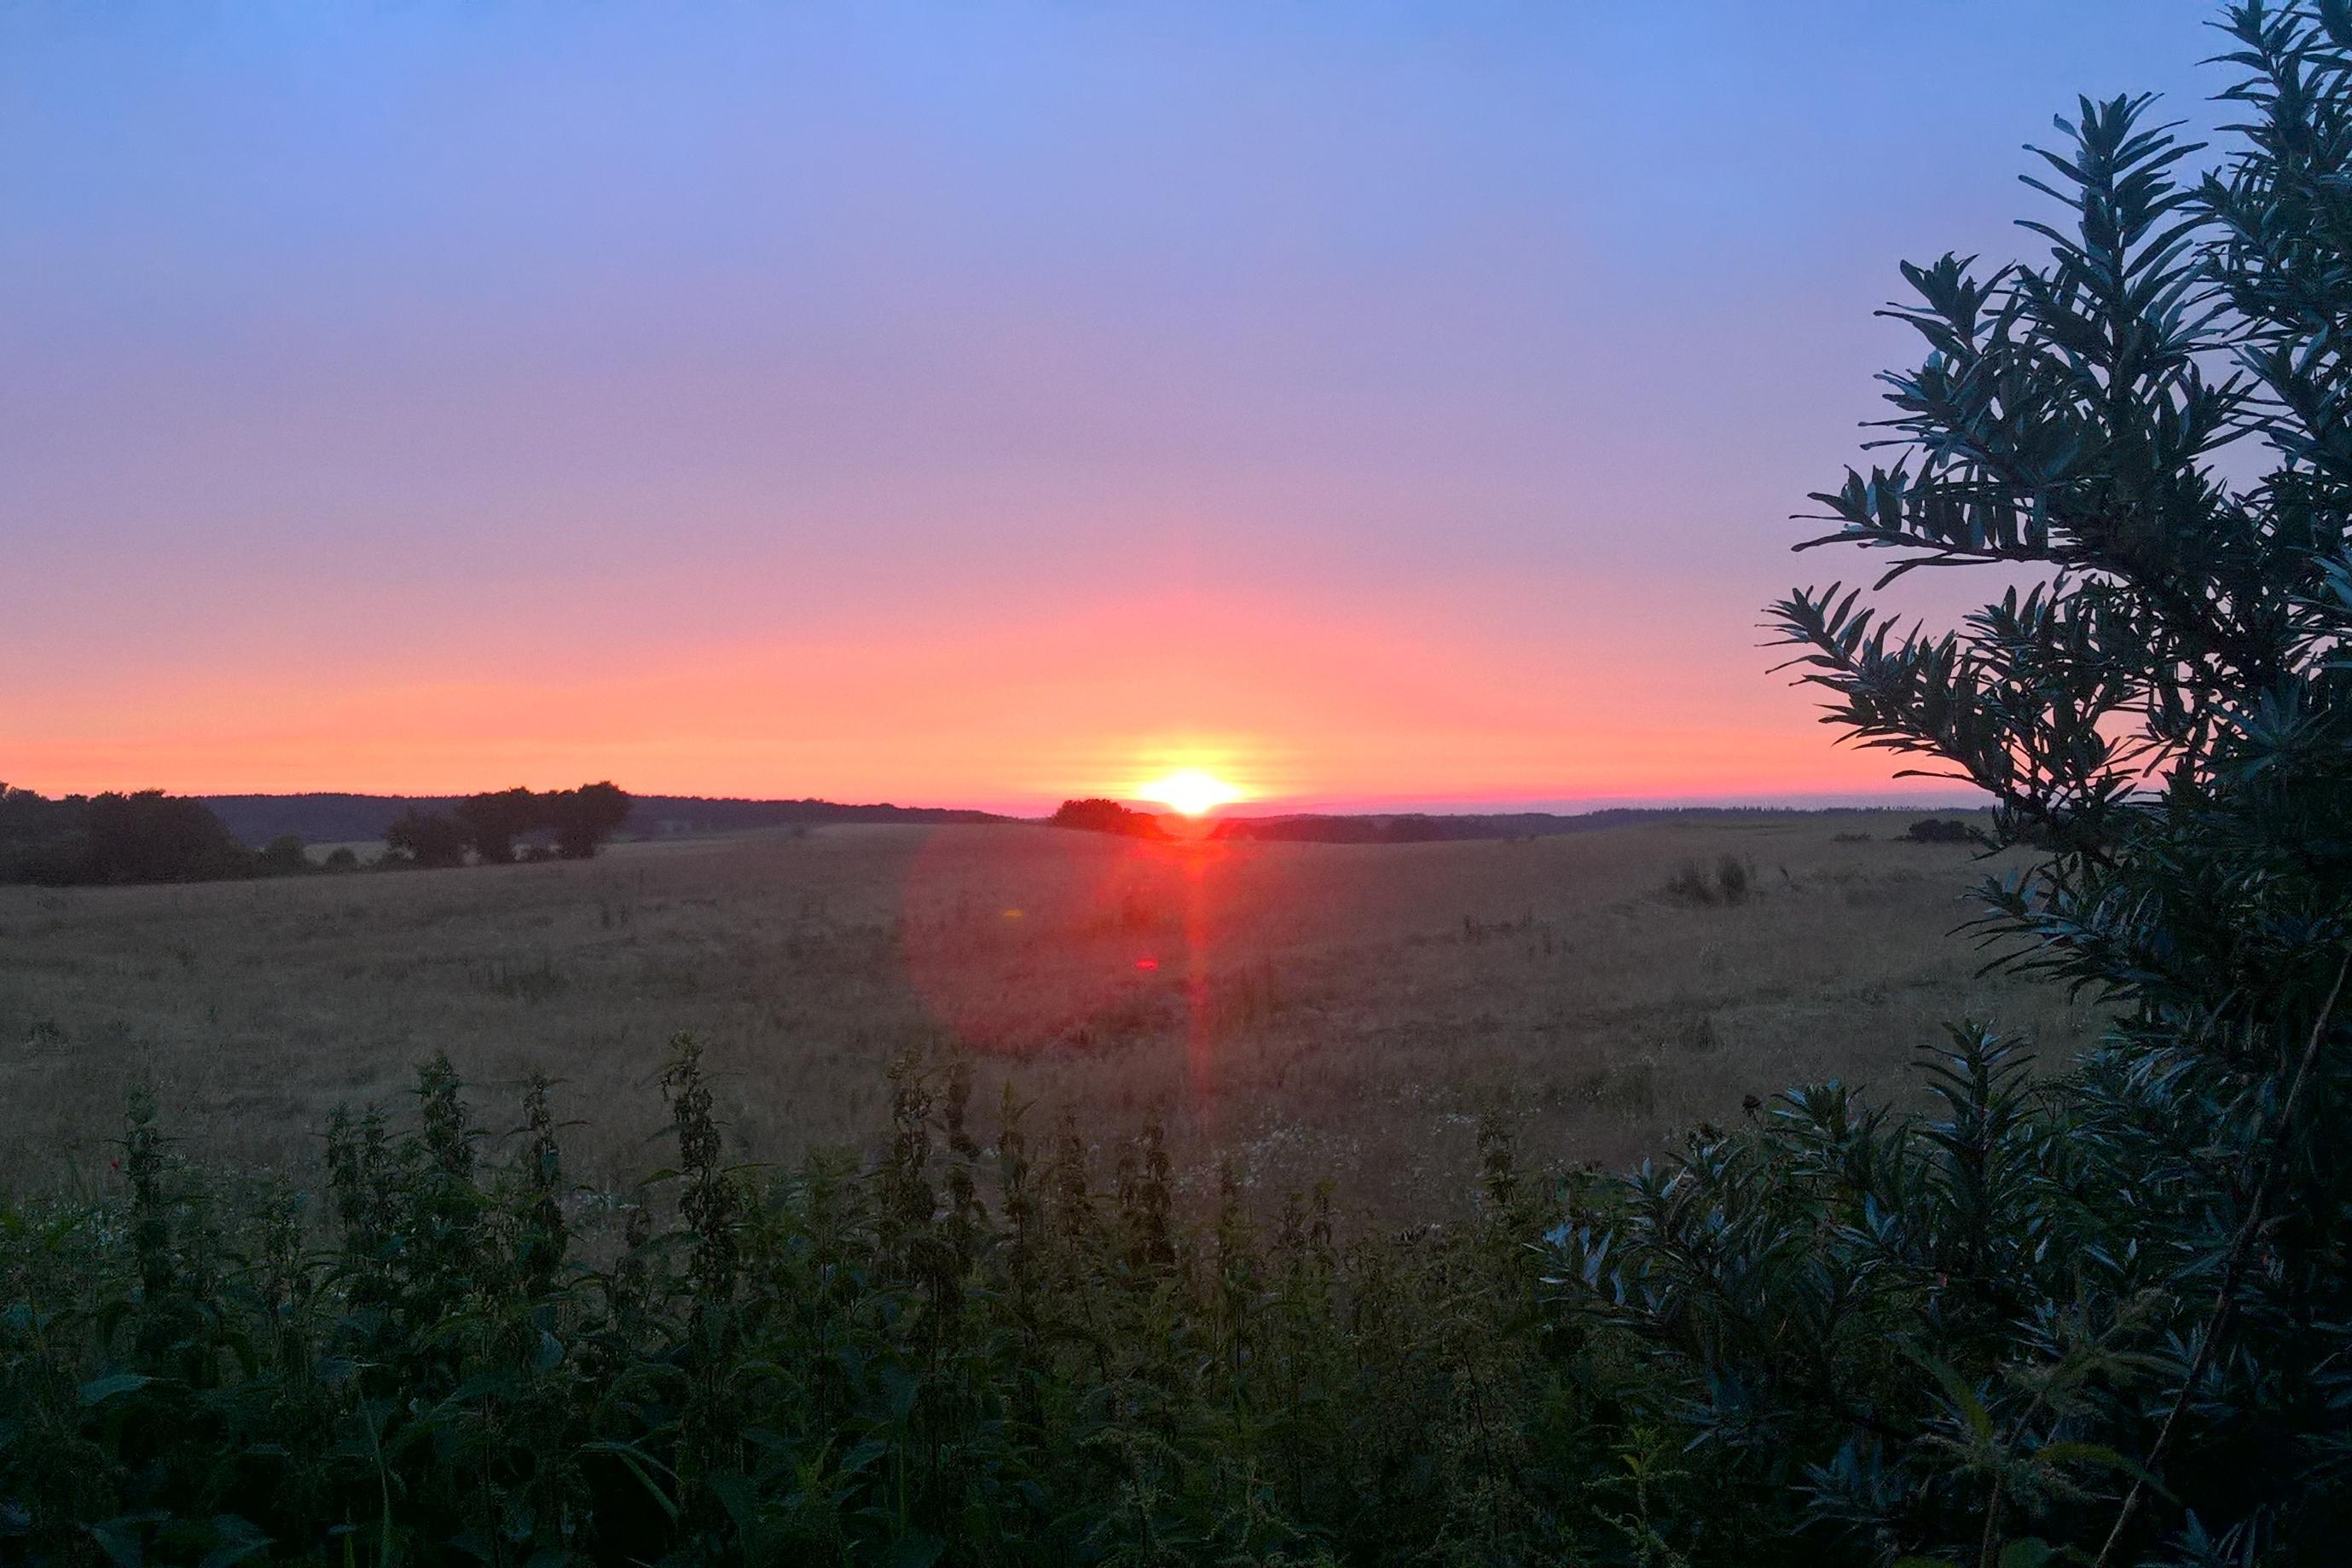 peder_hoegstrup_-_solnedgang_holme_ved_ebeltoft_20170725.jpg